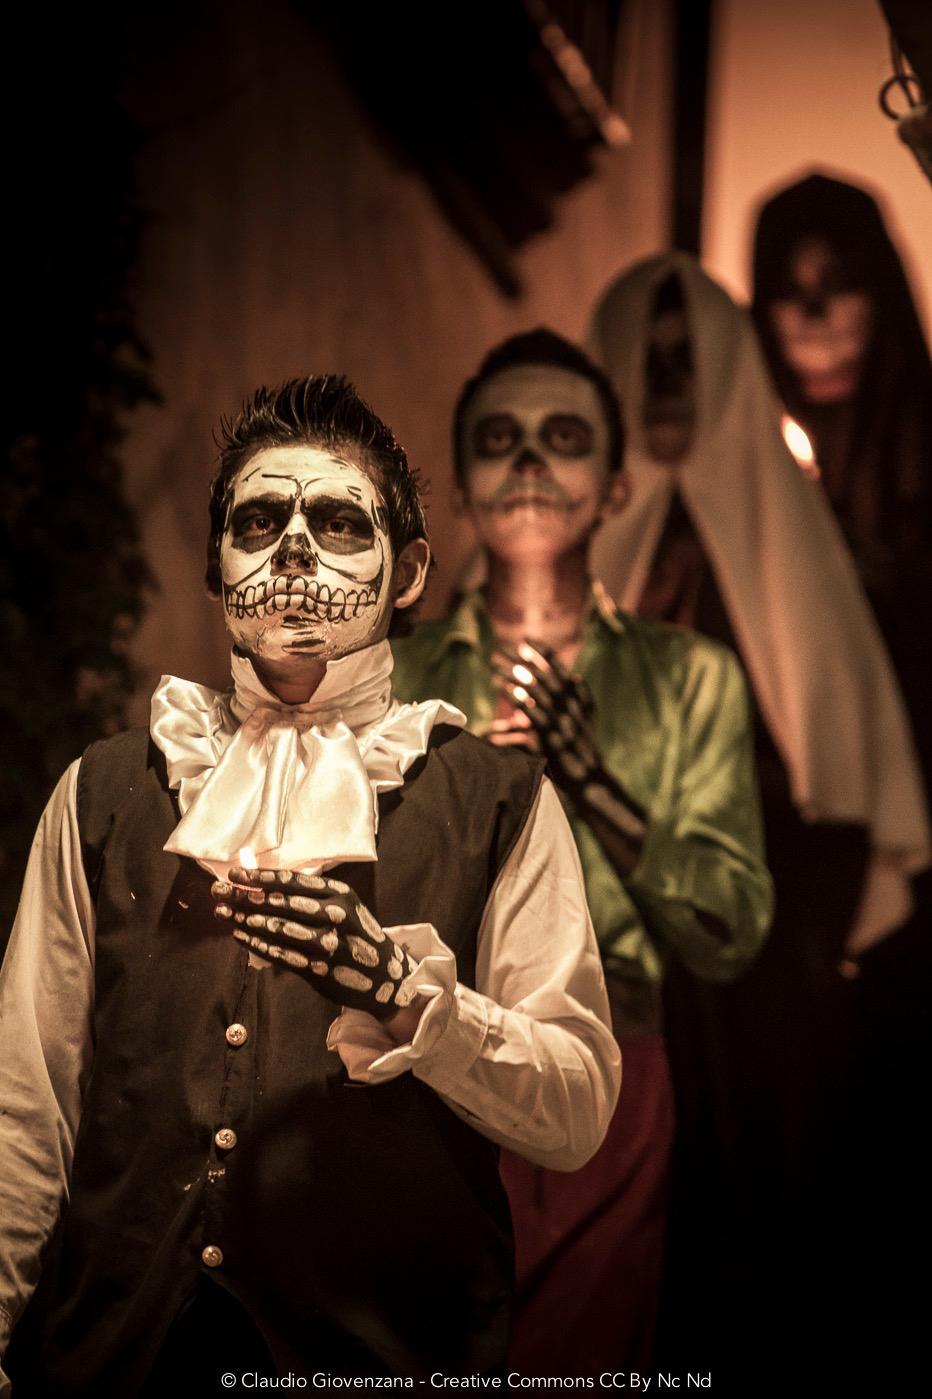 Sfilata durante il giorno dei morti in Messico